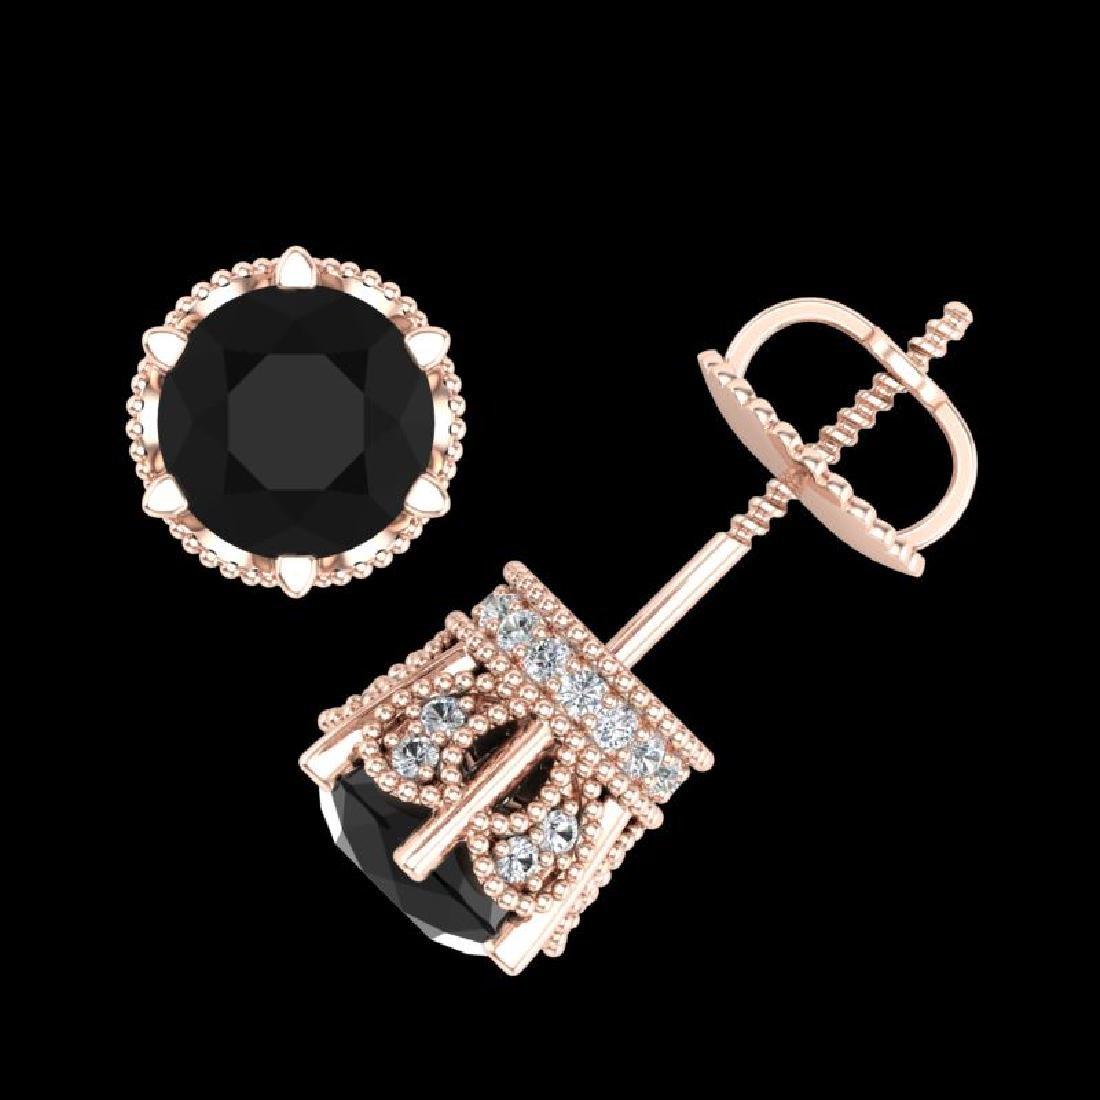 2.04 CTW Fancy Black Diamond Solitaire Art Deco Stud - 3